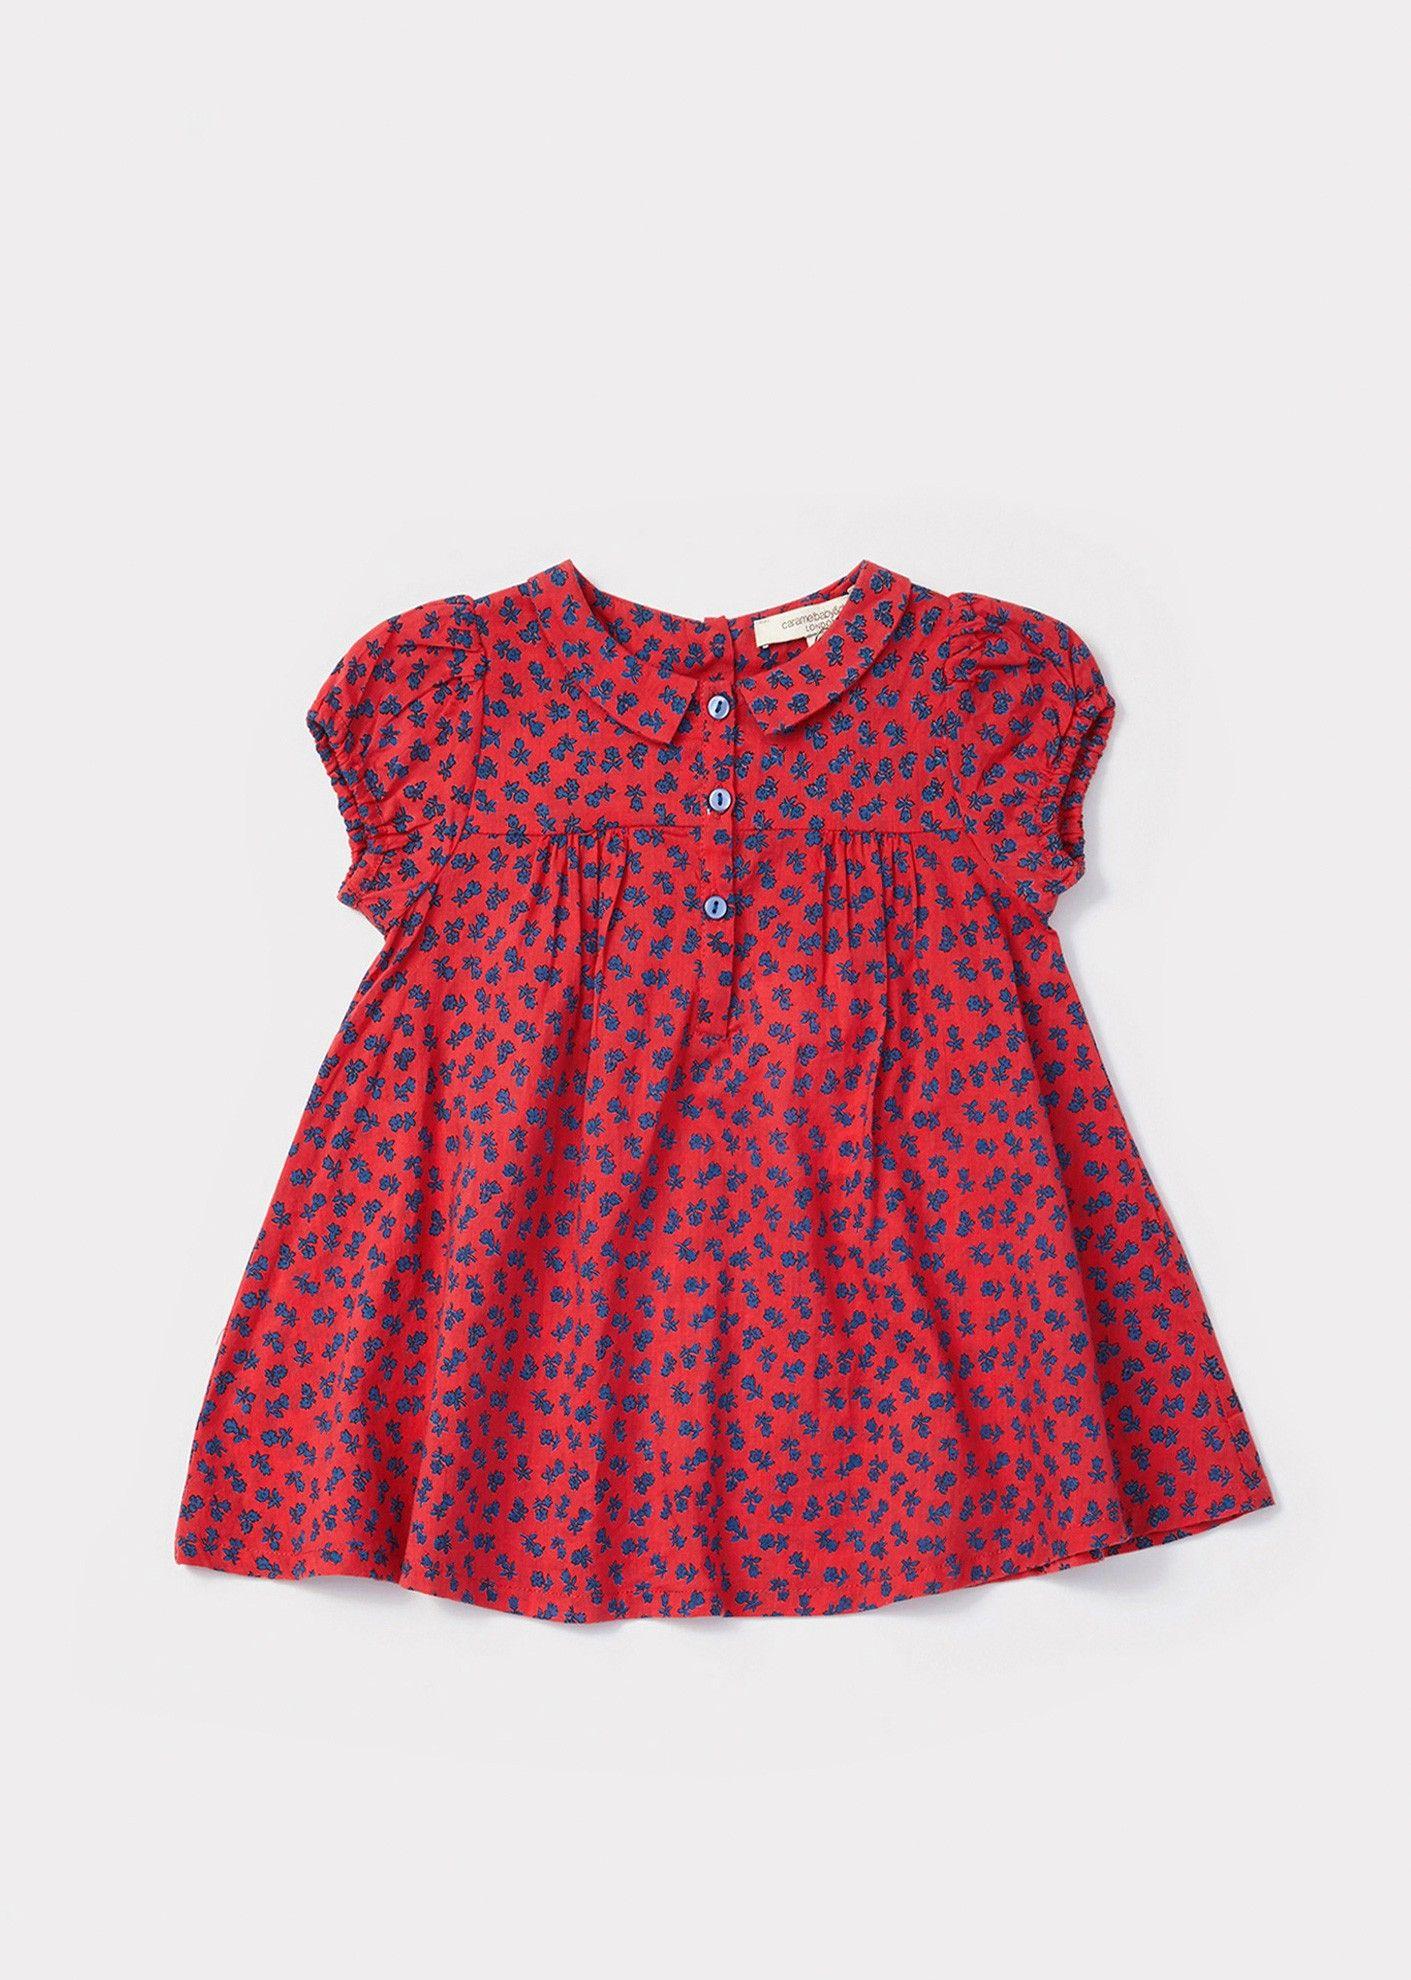 a77e2c98e7da Annatto Baby Dress